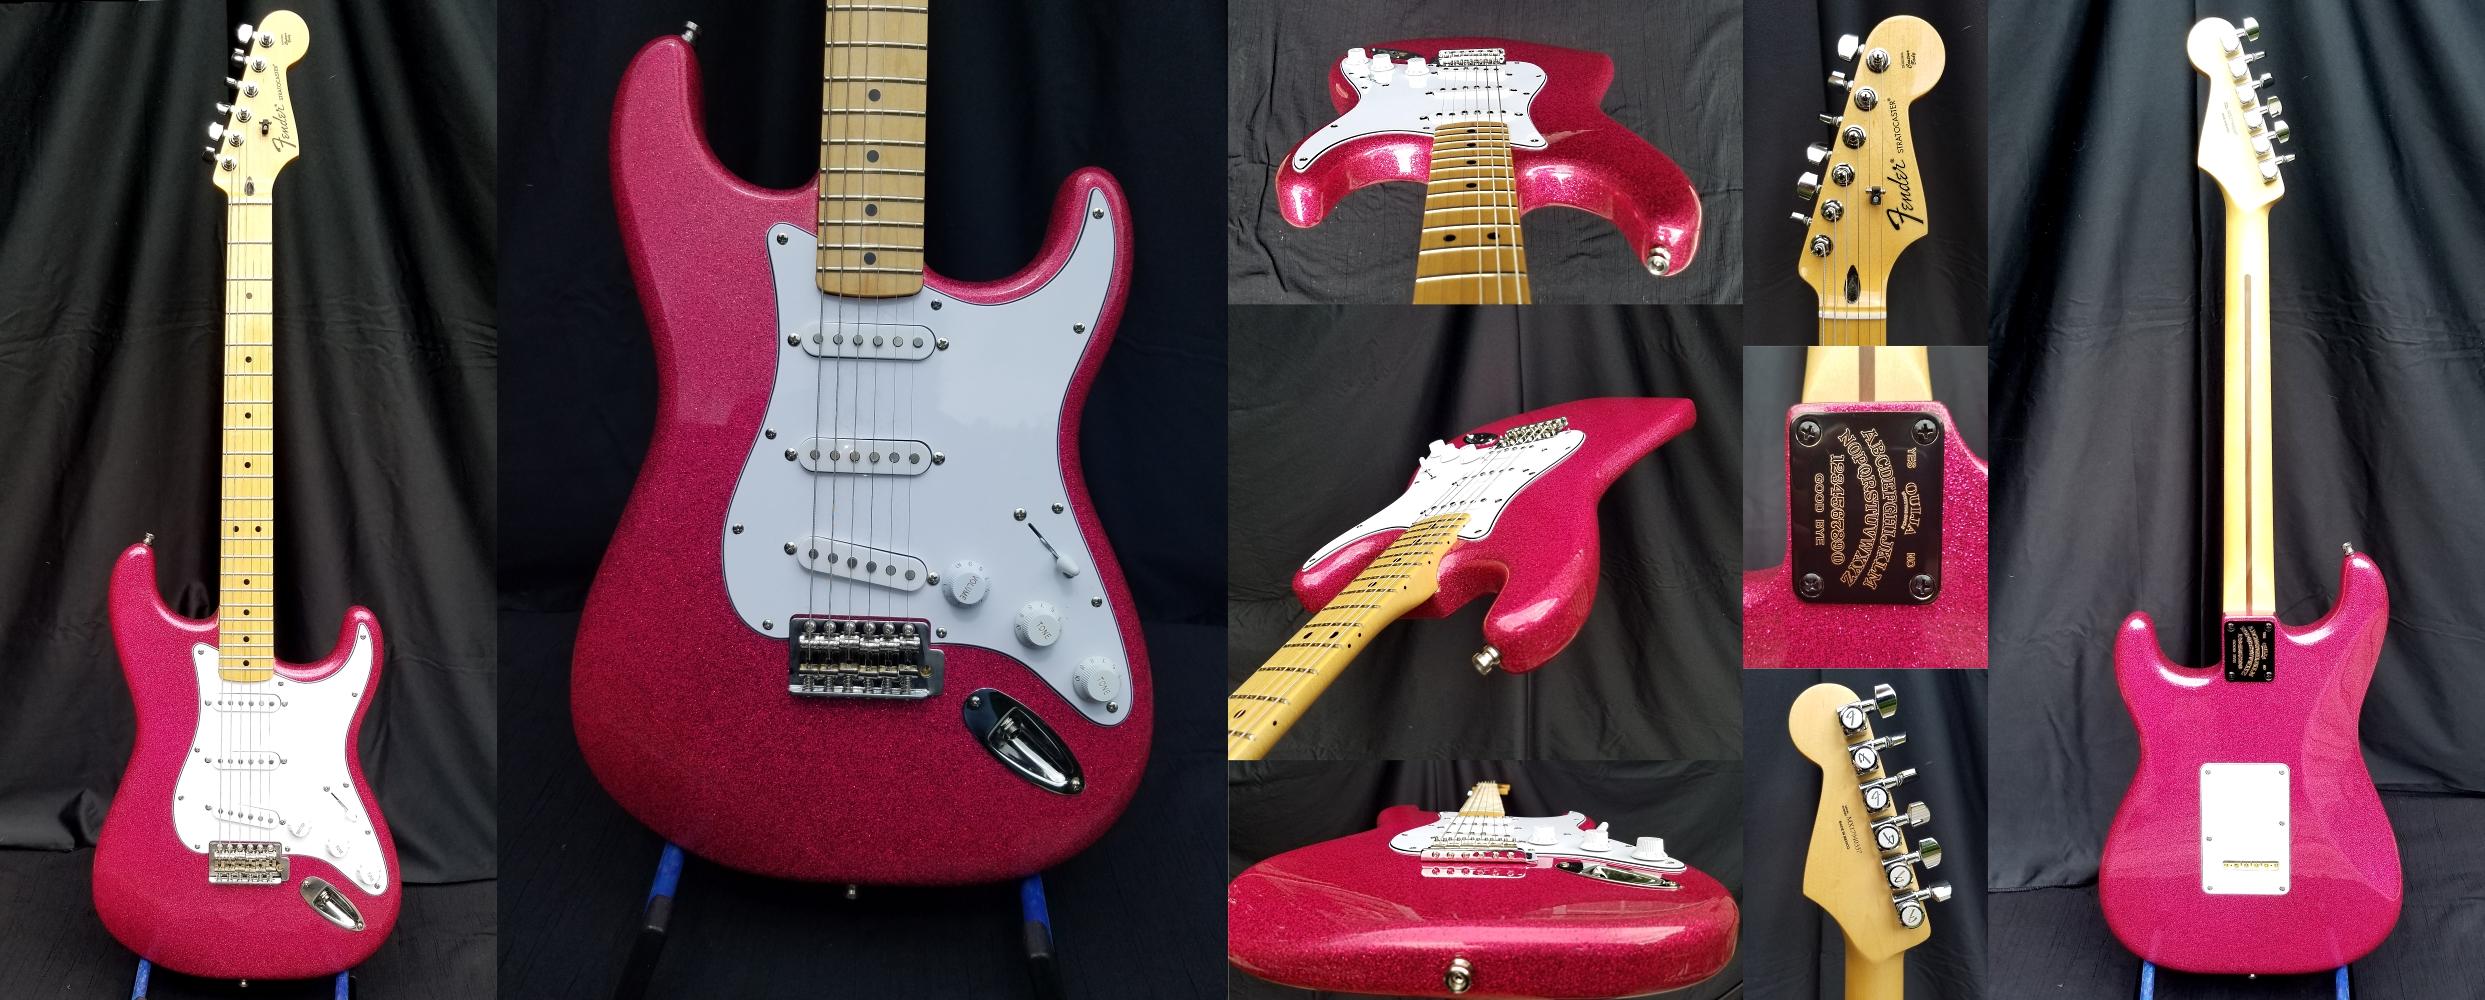 Brad Page's Guitars